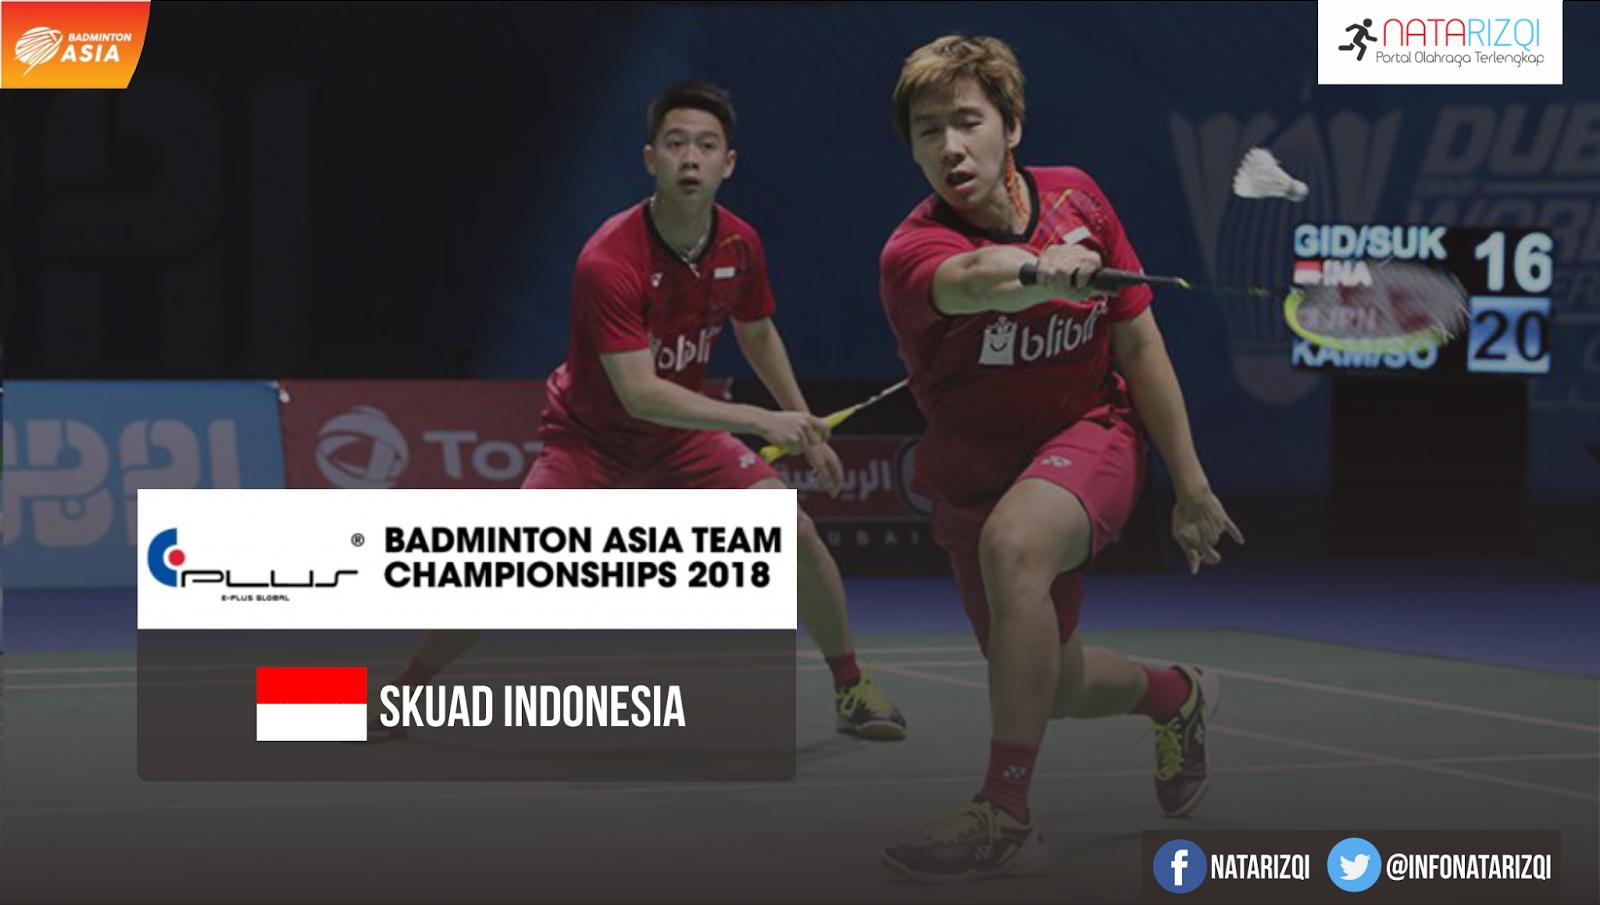 Daftar Susunan Pemain Indonesia di Badminton Asia Team